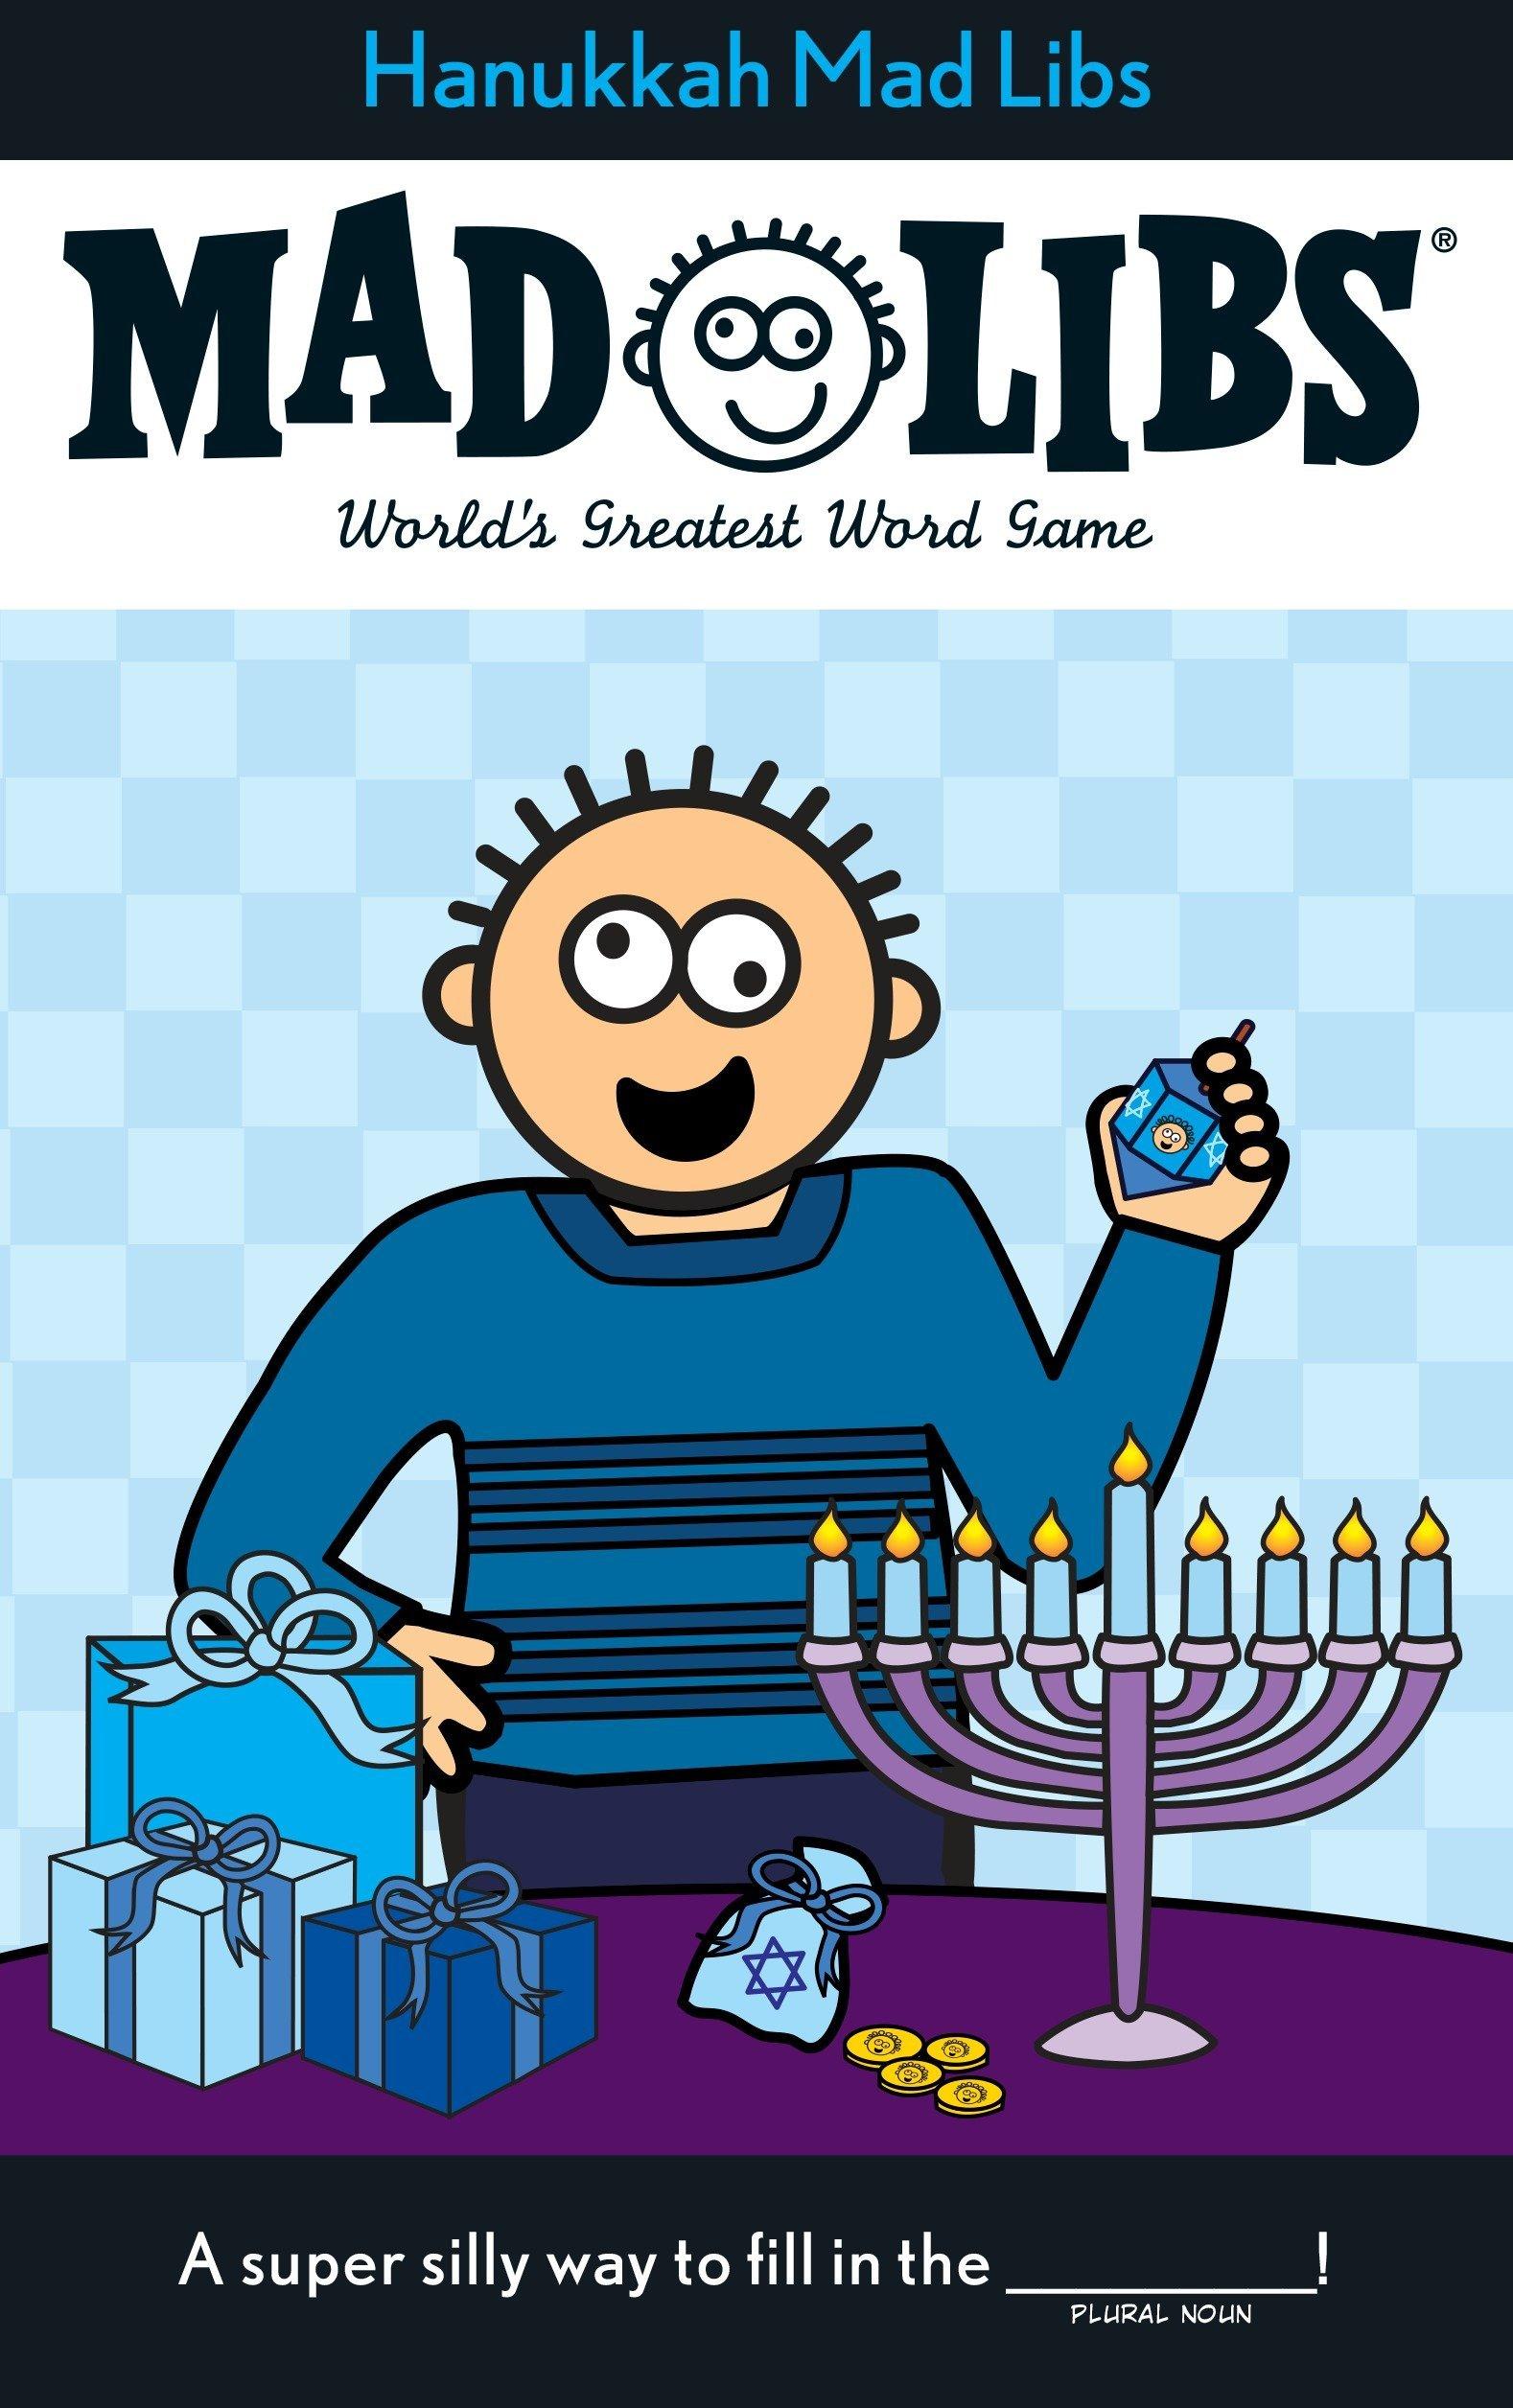 Hanukkah Mad Libs pdf